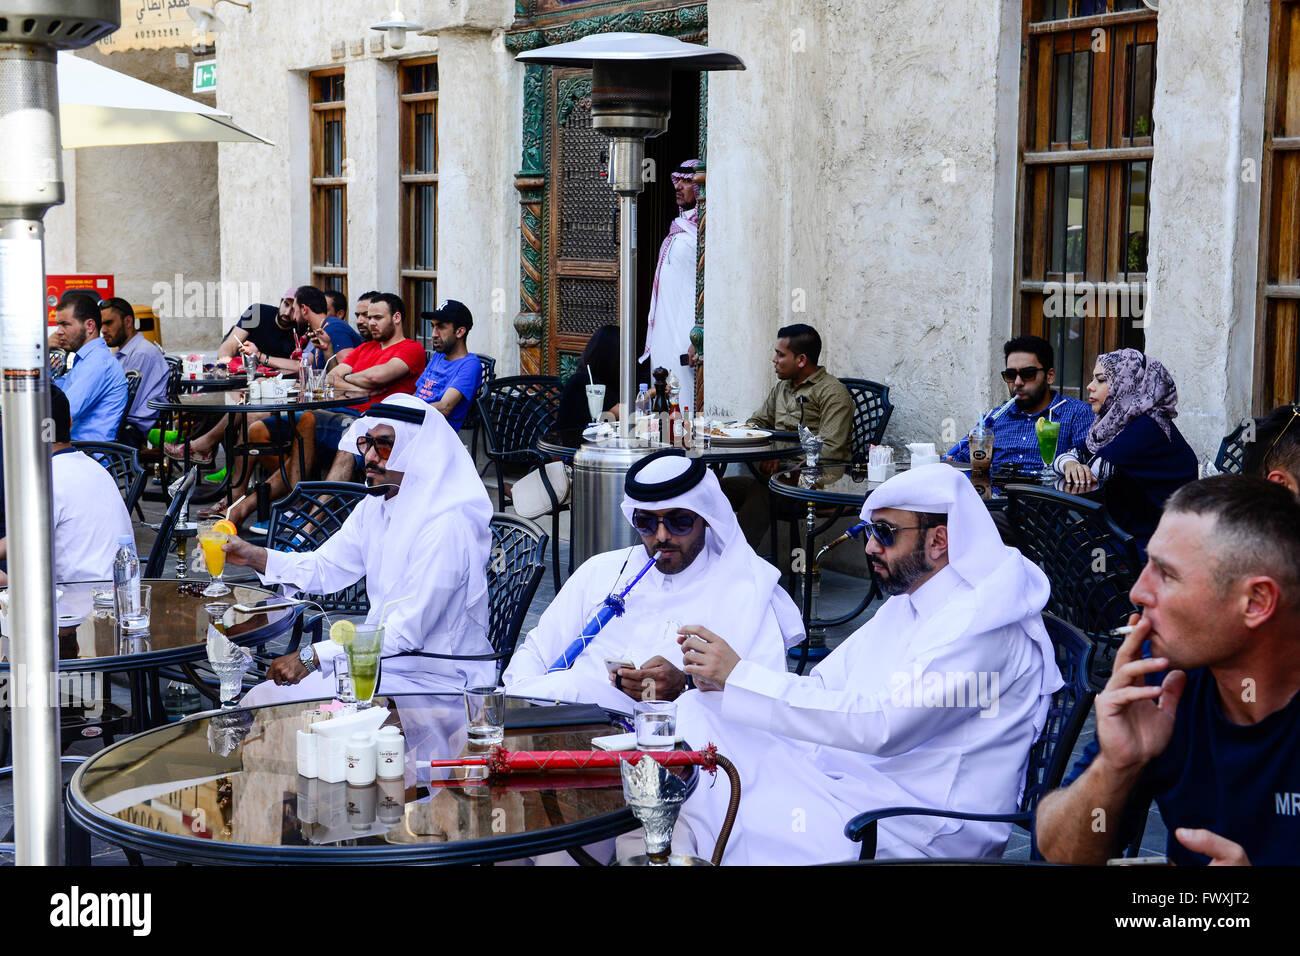 Katar, Doha, Bazar Souq Waqif, Sheikh im Shisha-Café / Scheichs in Shisha Cafe, Basar Souk Wakif, Doha, KATAR Stockbild